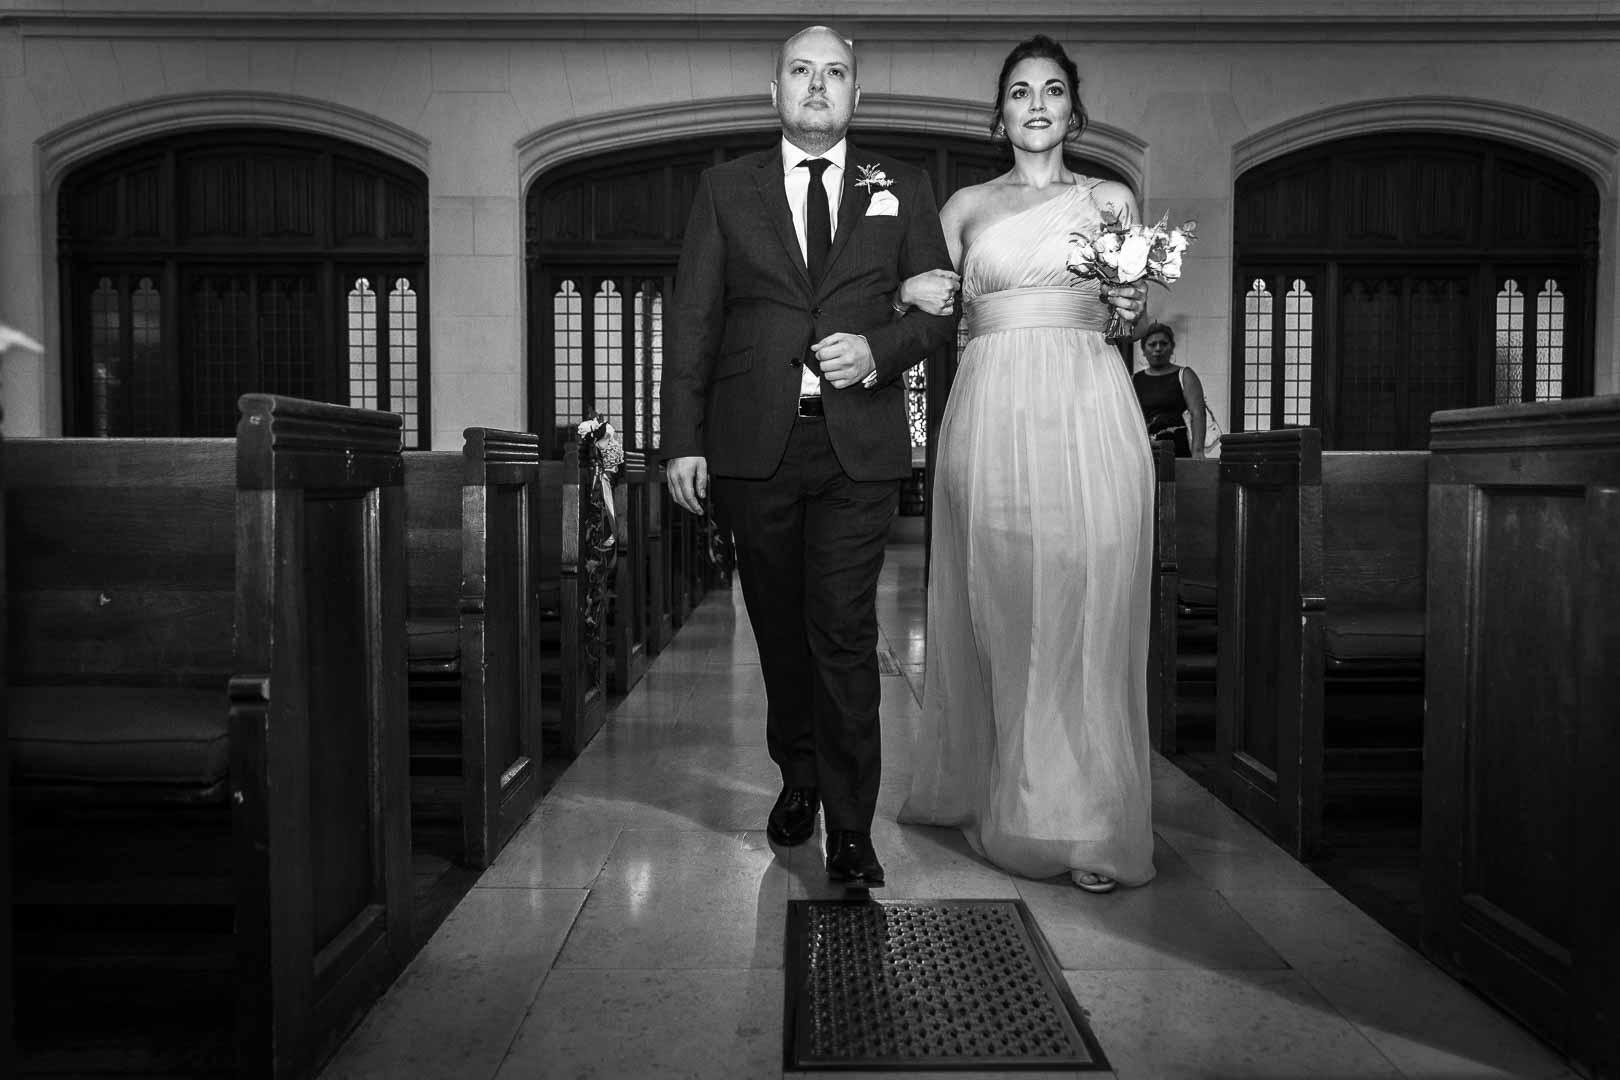 L'entrée des demoiselles d'honneur au bras des garçon d'honneur - Eglise Américaine de Paris - Crédits : Les Photos de Bela - Photographe de mariage Paris et IDF